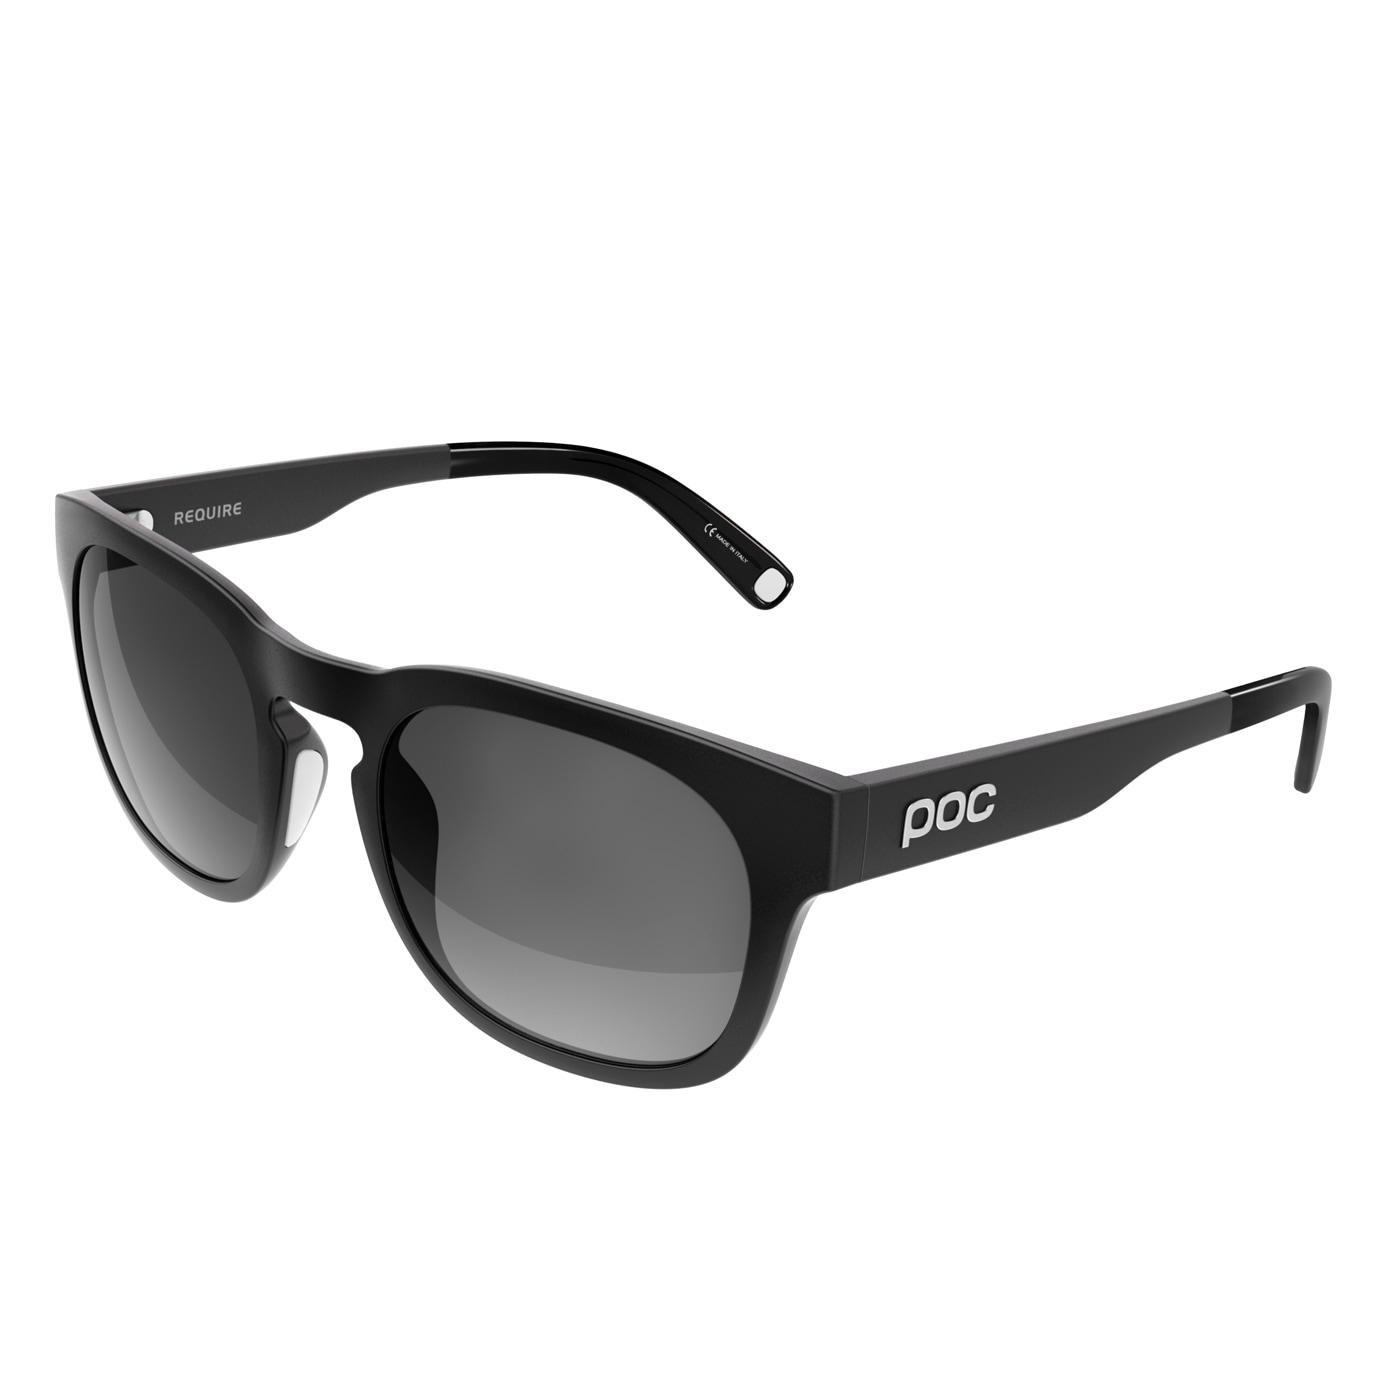 POC Require, solbrille